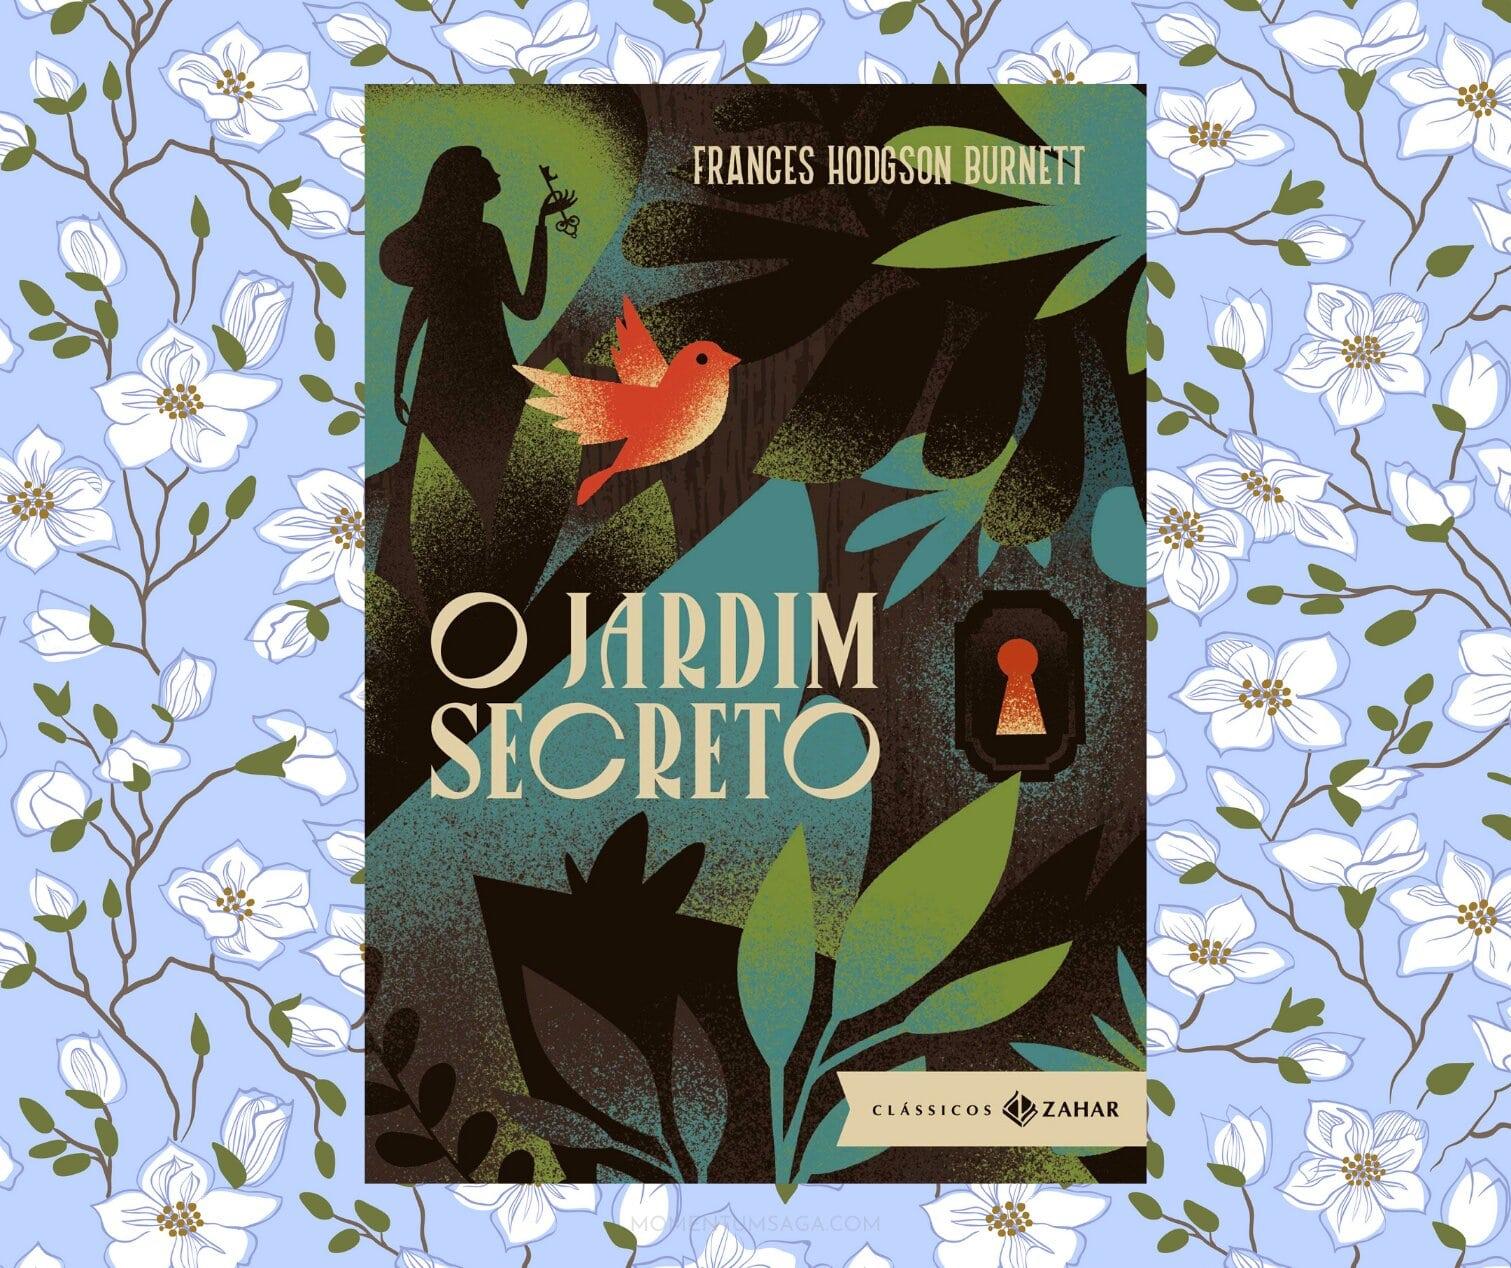 Resenha: O Jardim Secreto, de Frances Hodgson Burnett